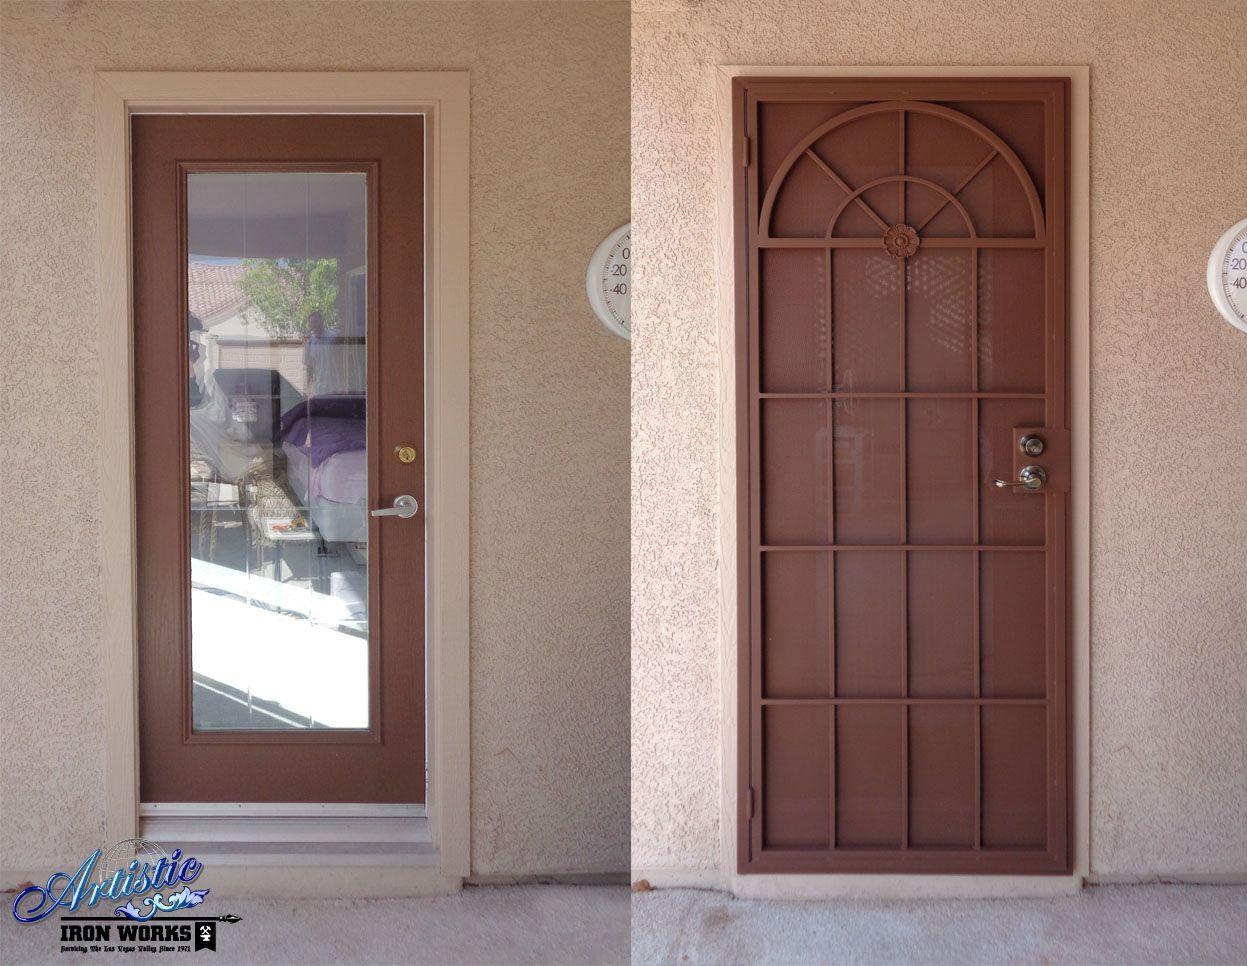 Before After Installation Of Wrought Iron Security Screen Door Security Door Design